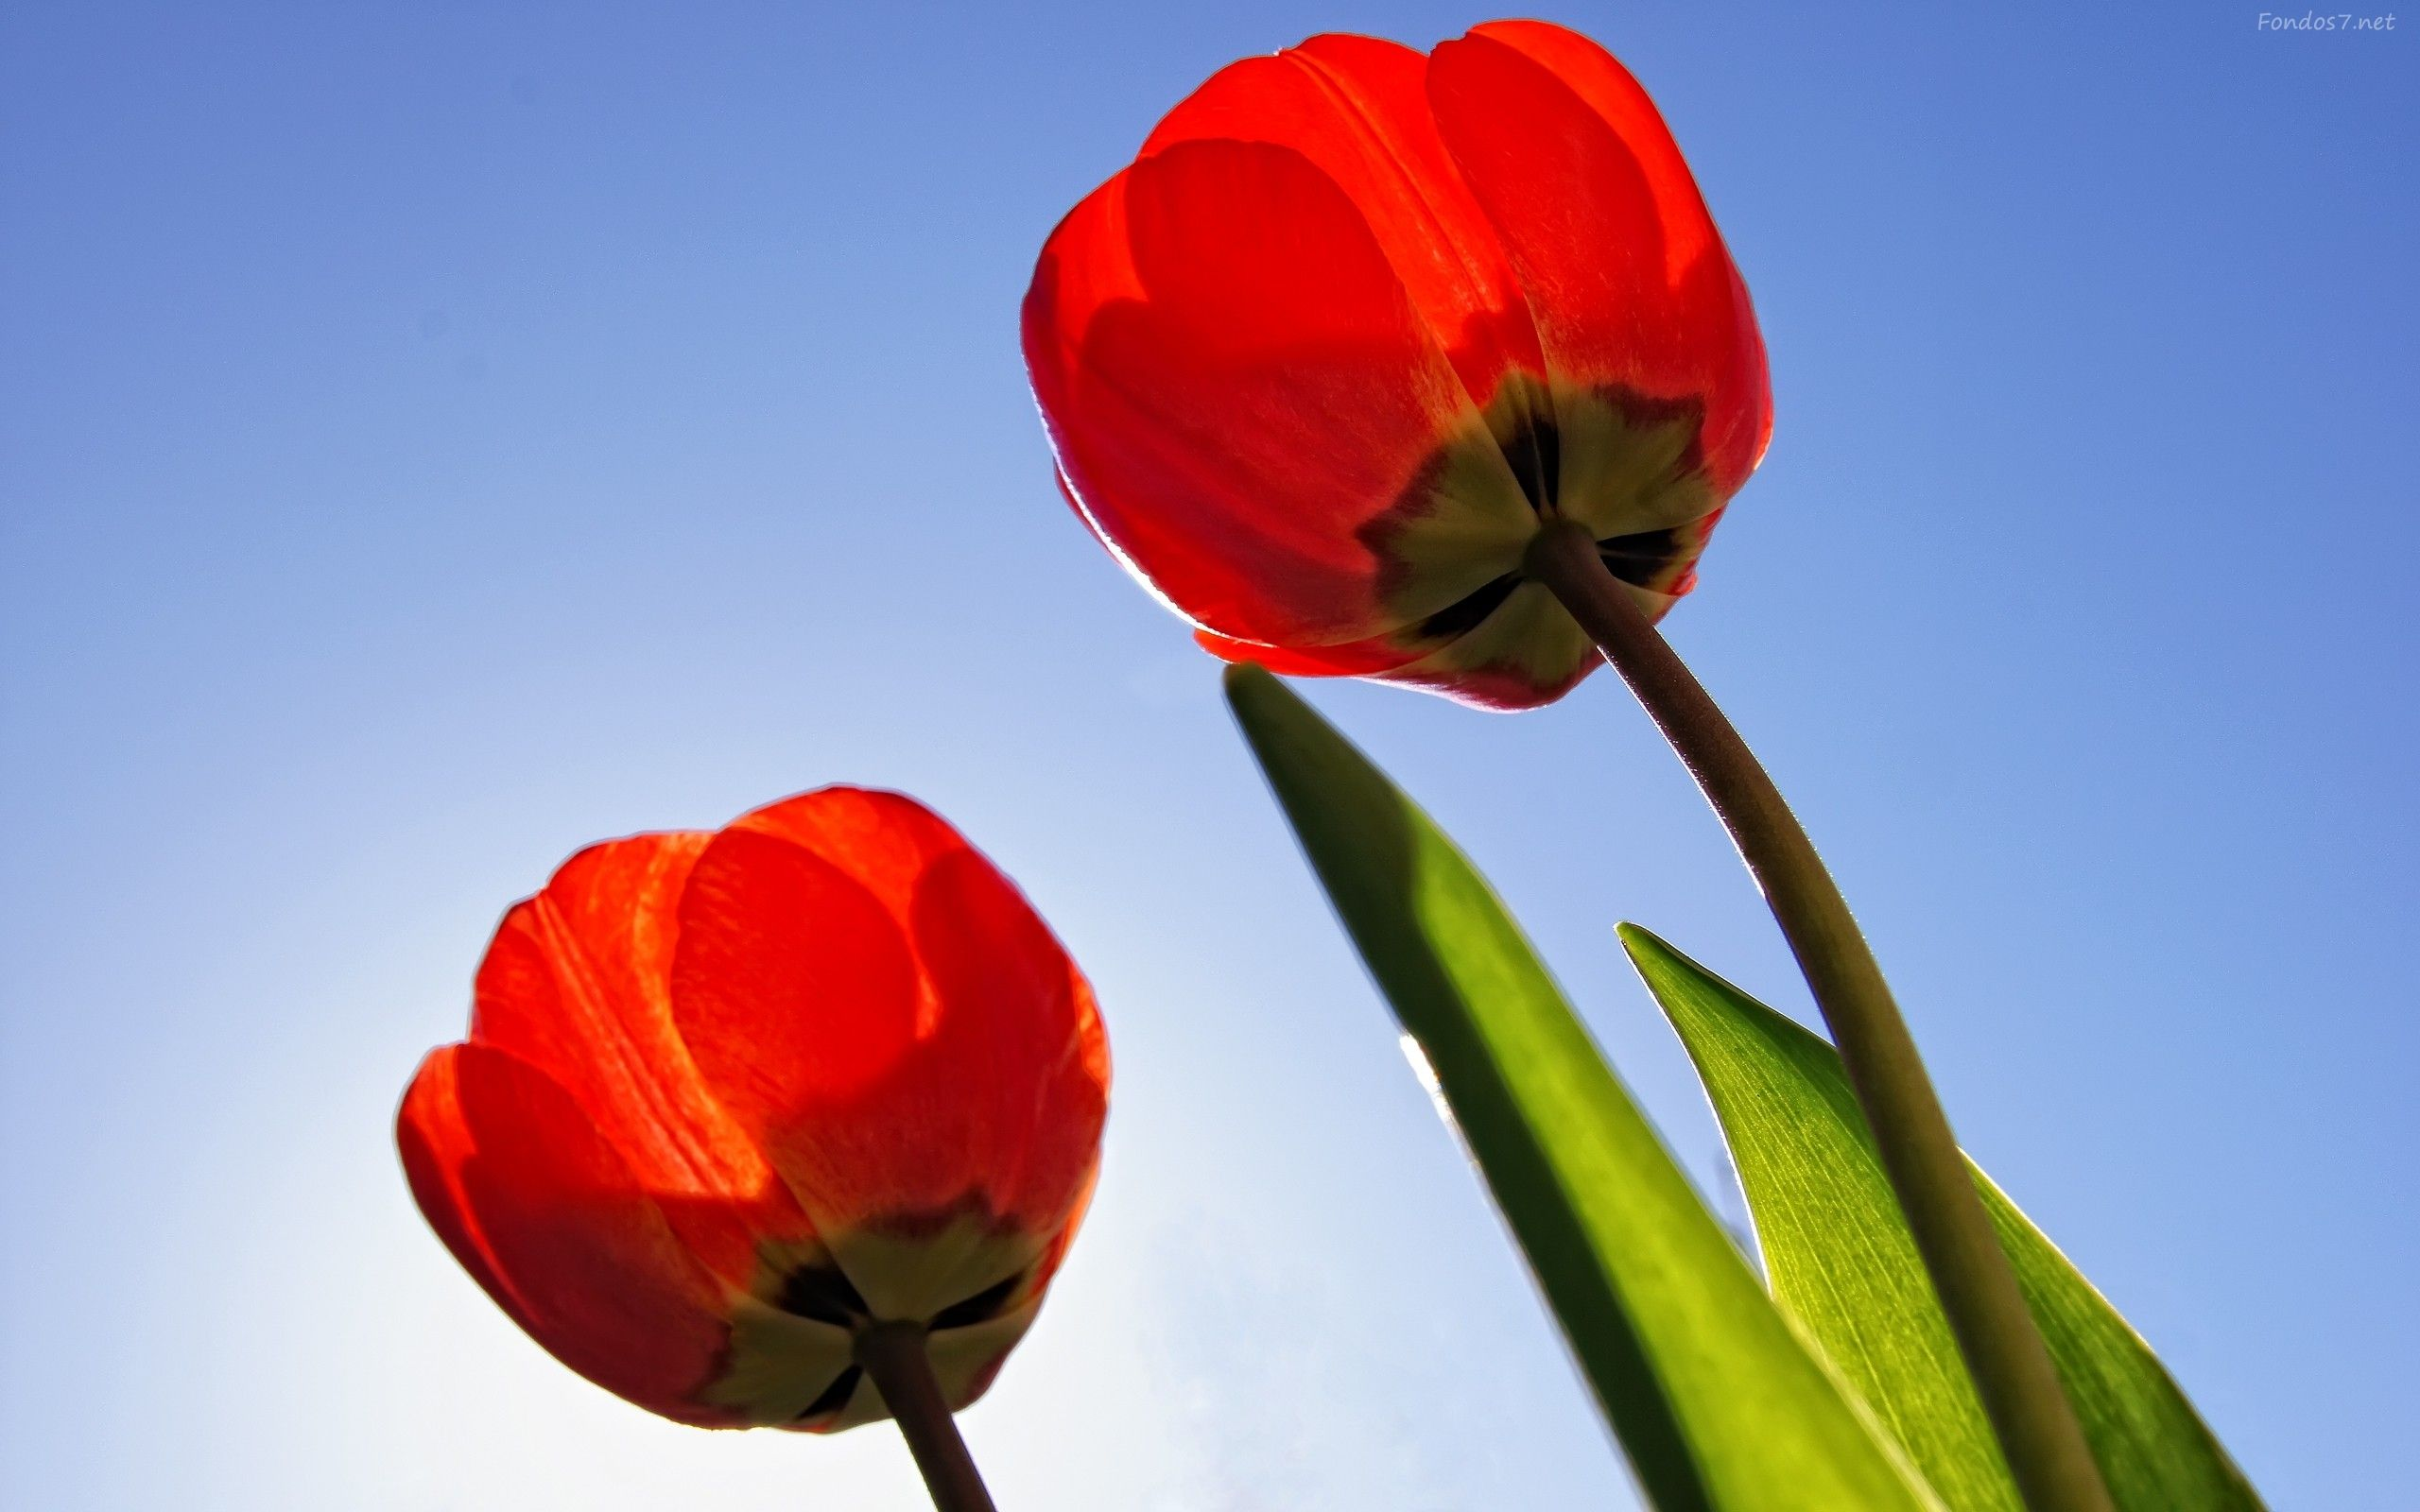 Fondos De Pantalla Hd Flores: Fondos De Pantalla De Flores Hermosas Para Fondo Celular